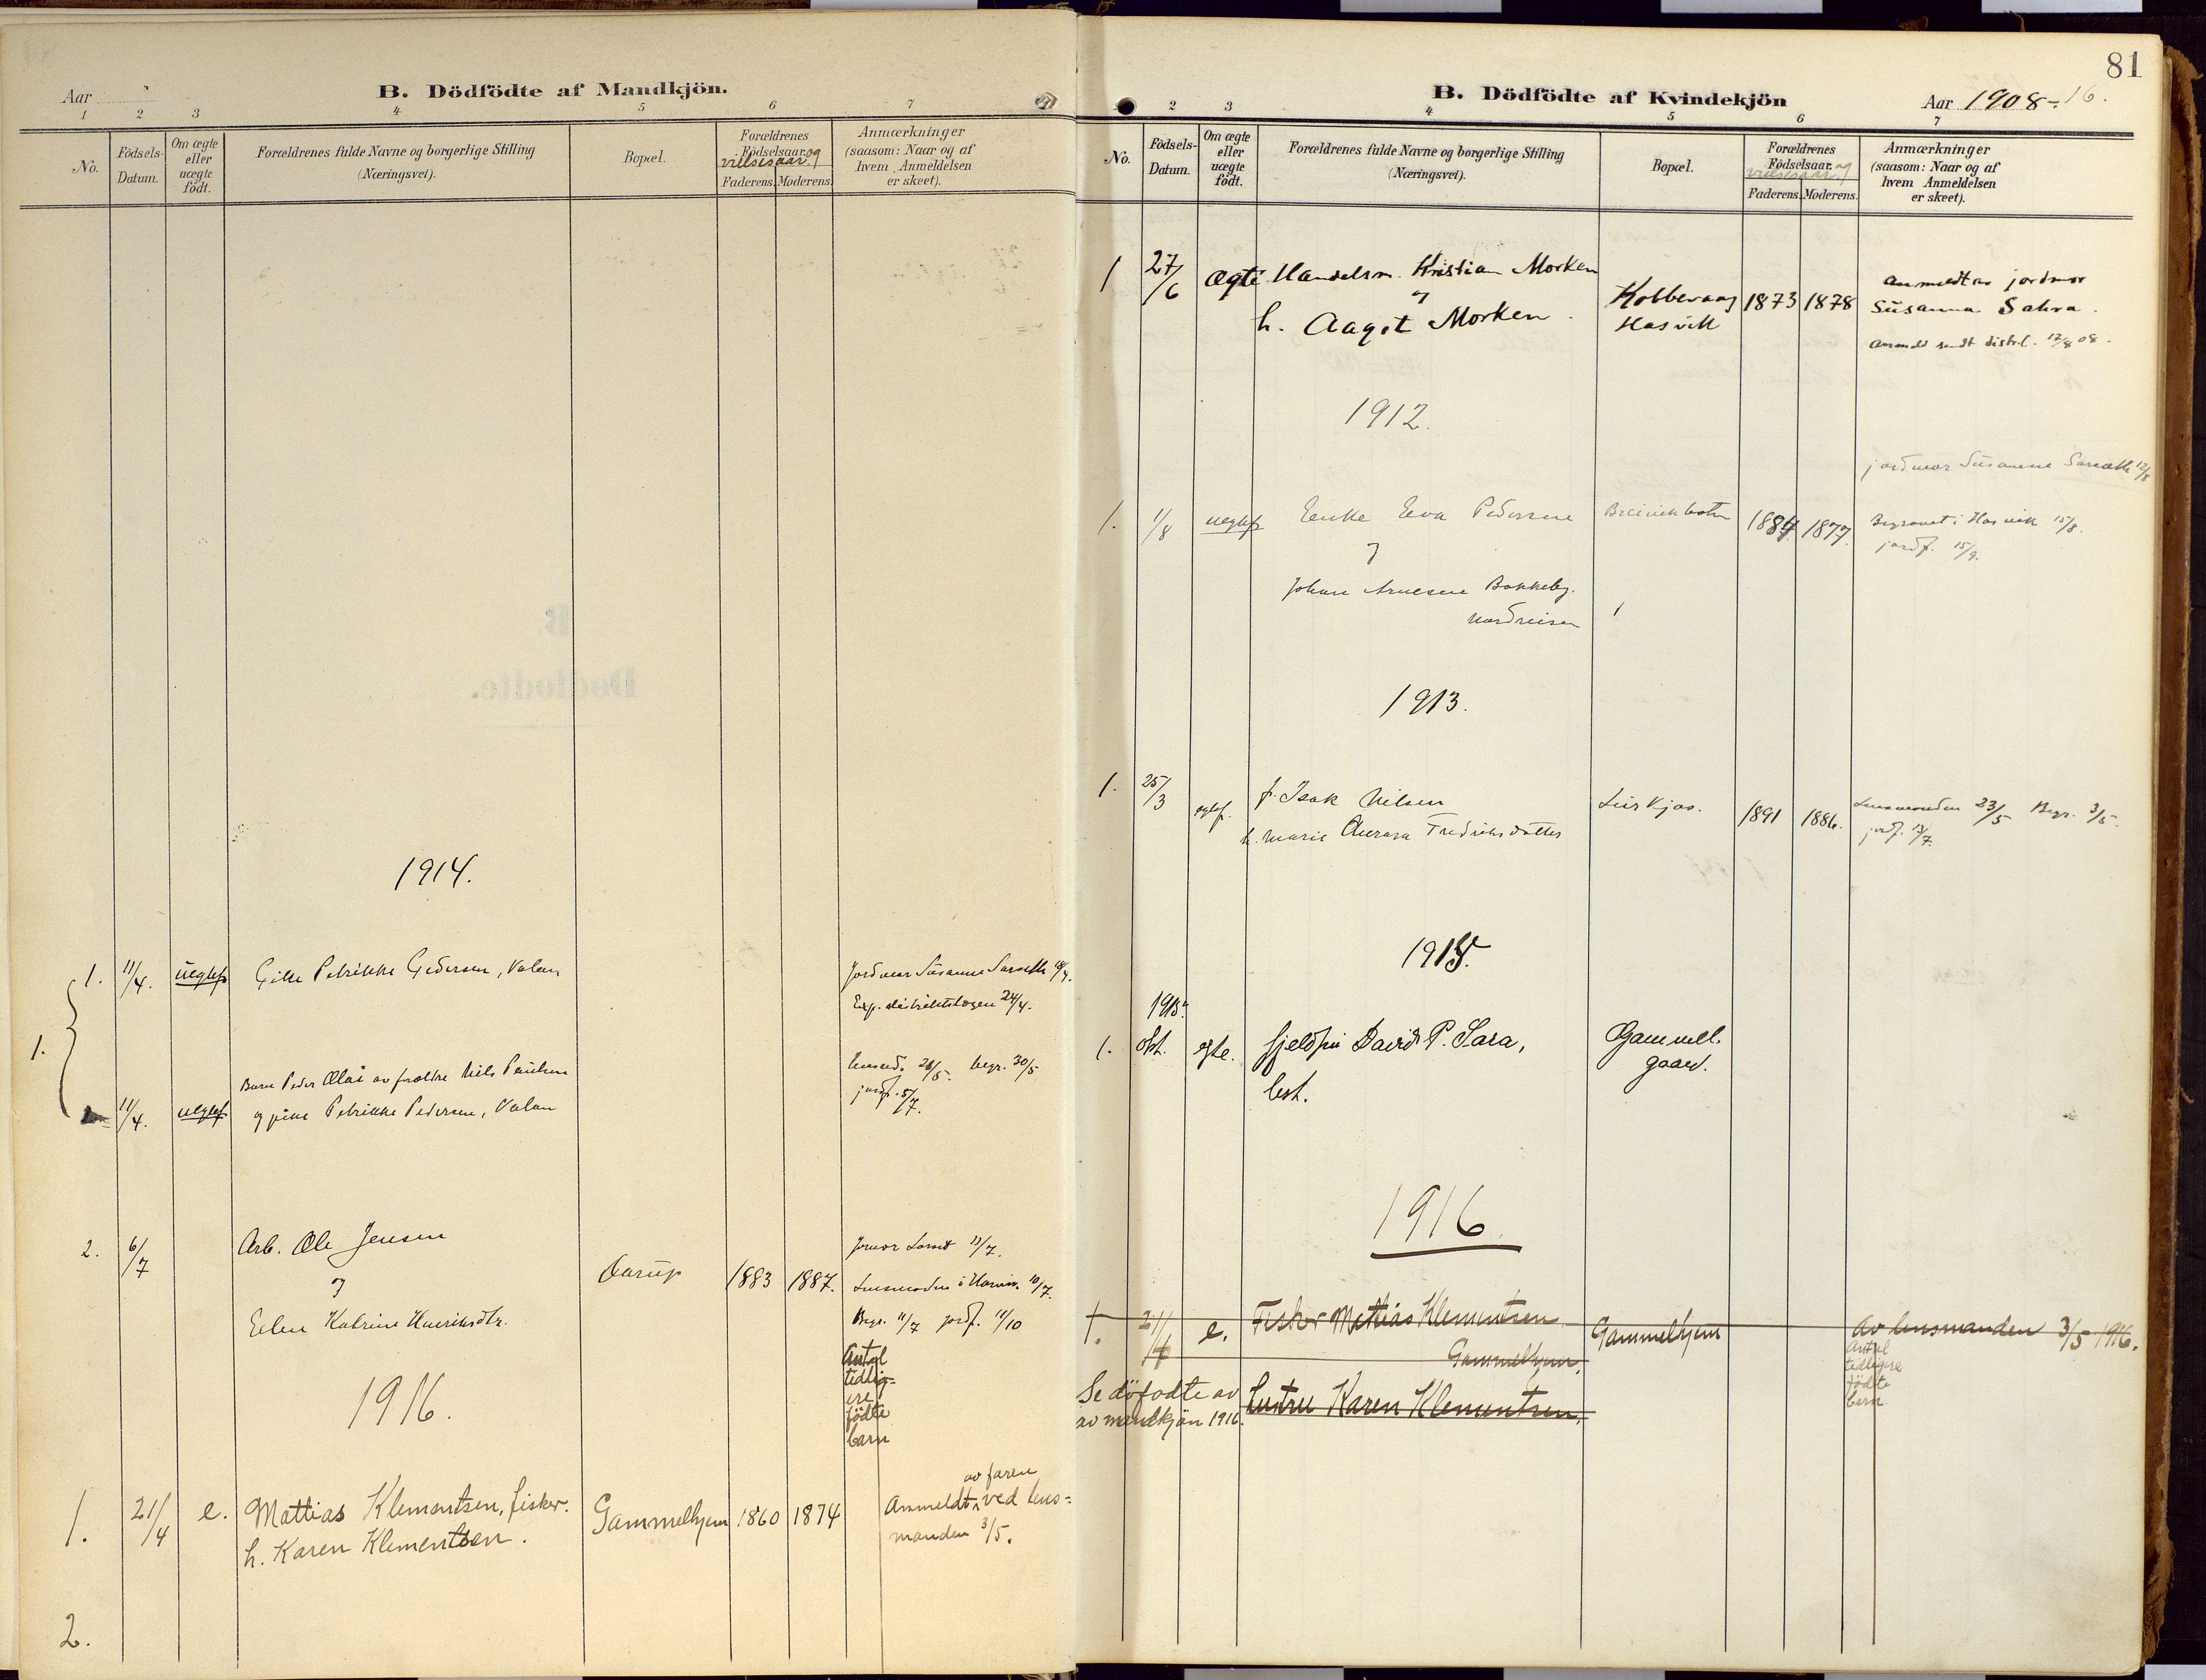 SATØ, Loppa sokneprestkontor, H/Ha/L0010kirke: Ministerialbok nr. 10, 1907-1922, s. 81